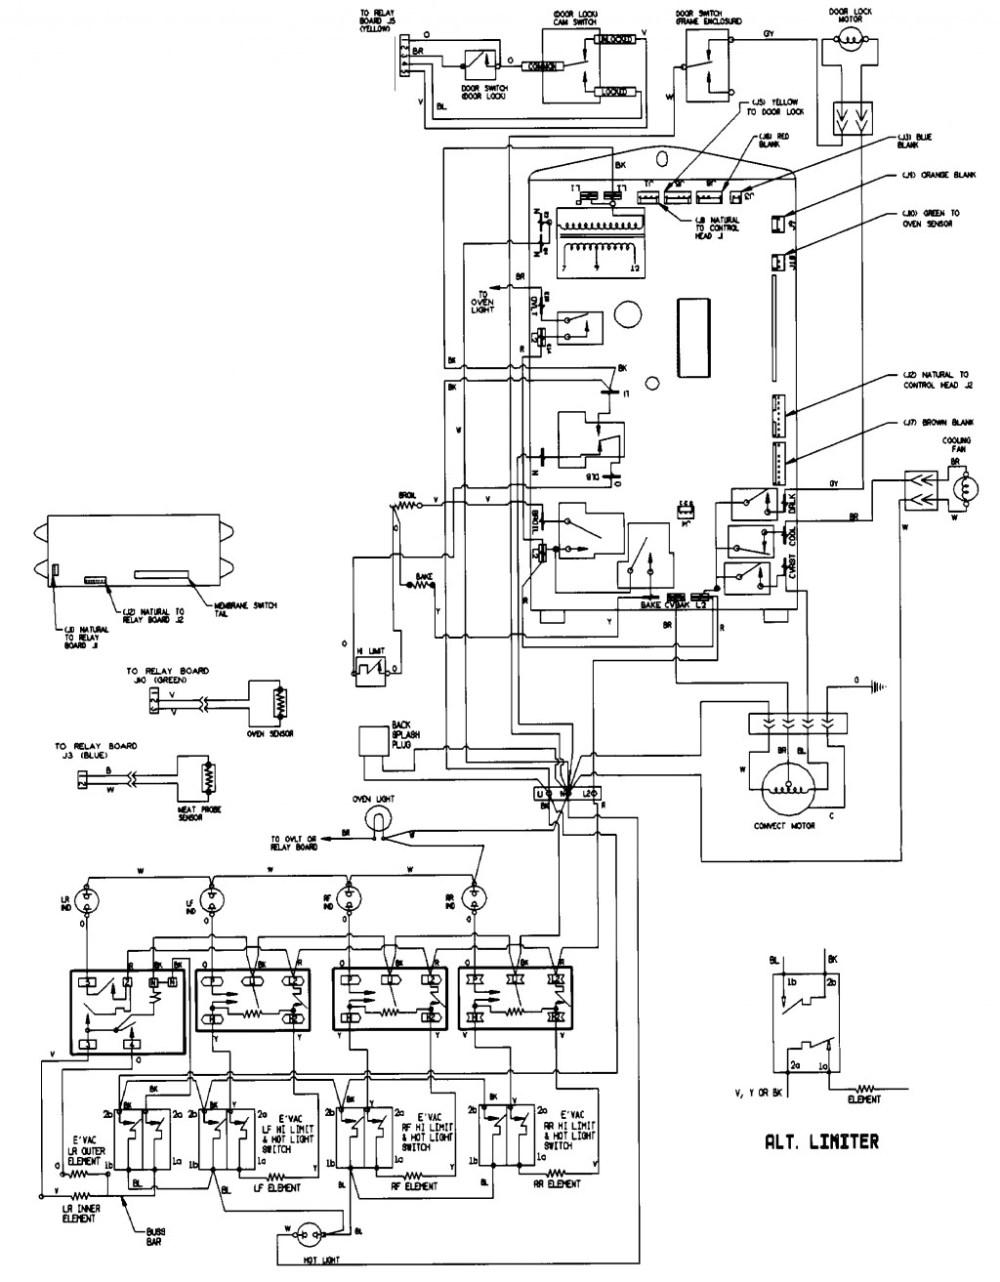 medium resolution of old fashioned amana dryer wiring diagram gallery wiring schematics amana dryer wire amana